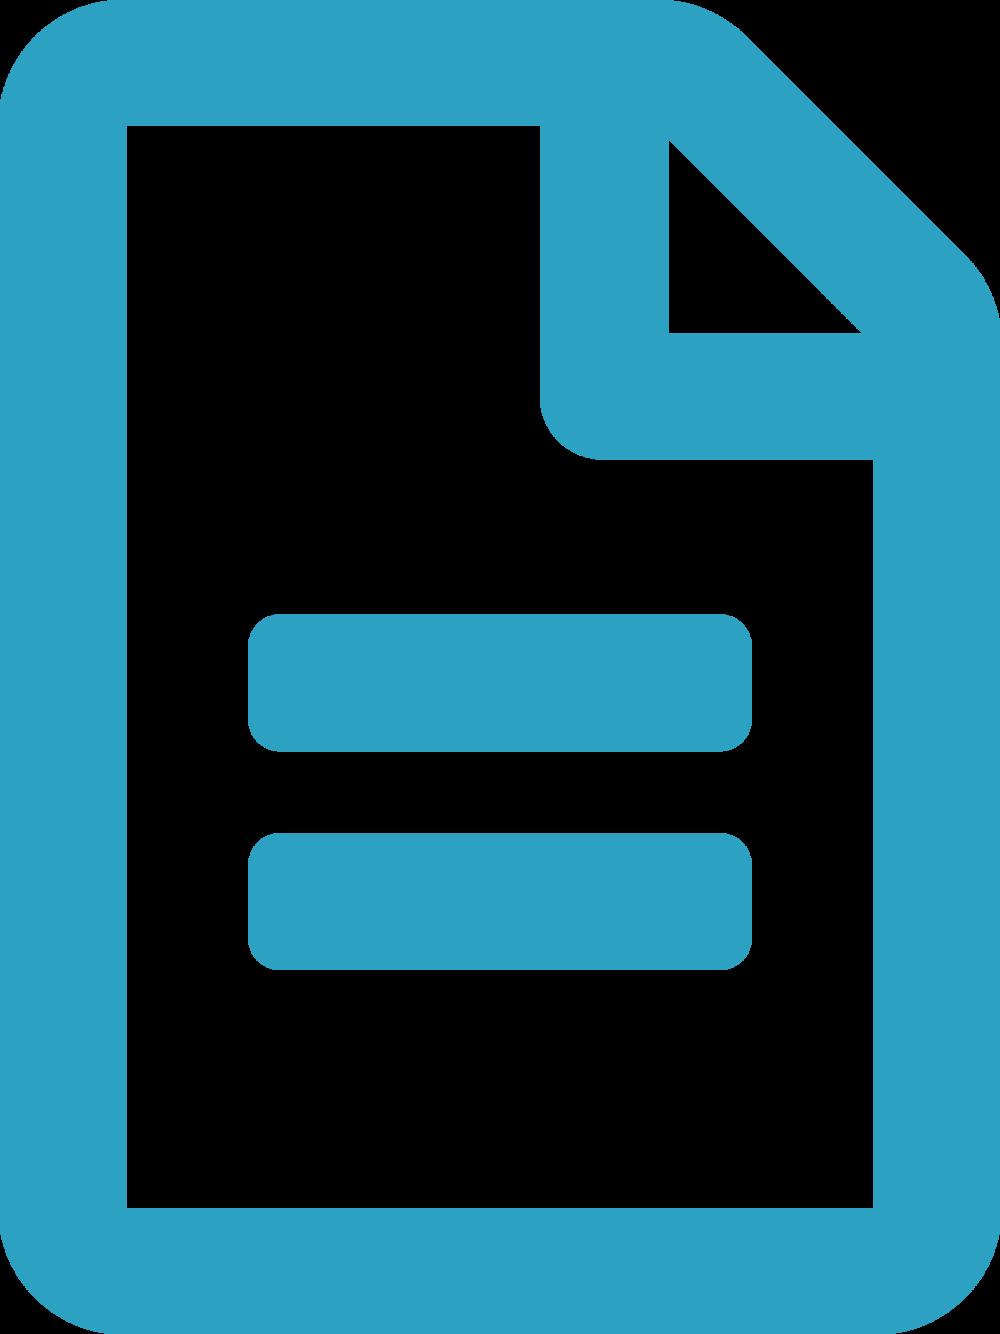 file-alt-regula-blue (1)-01.png